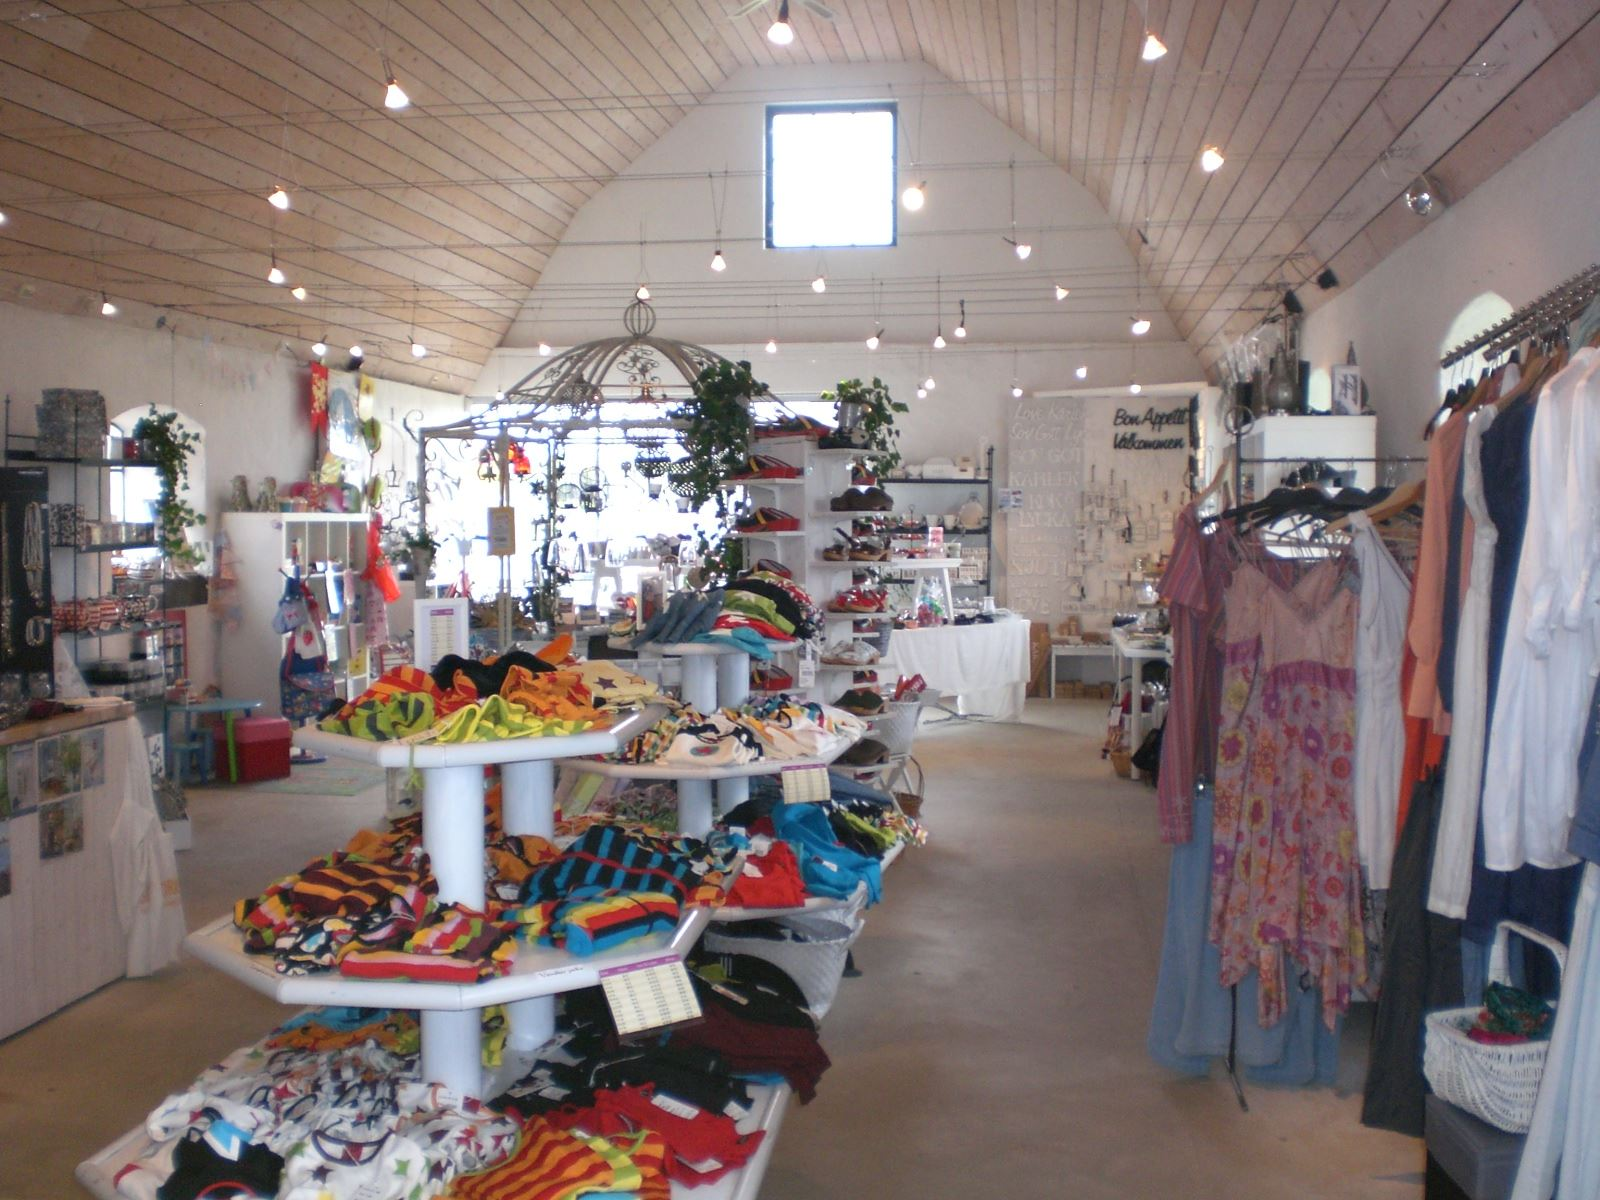 Cecilia Krämer, Kläder, inredning och mycket mer finns att hitta i butiken